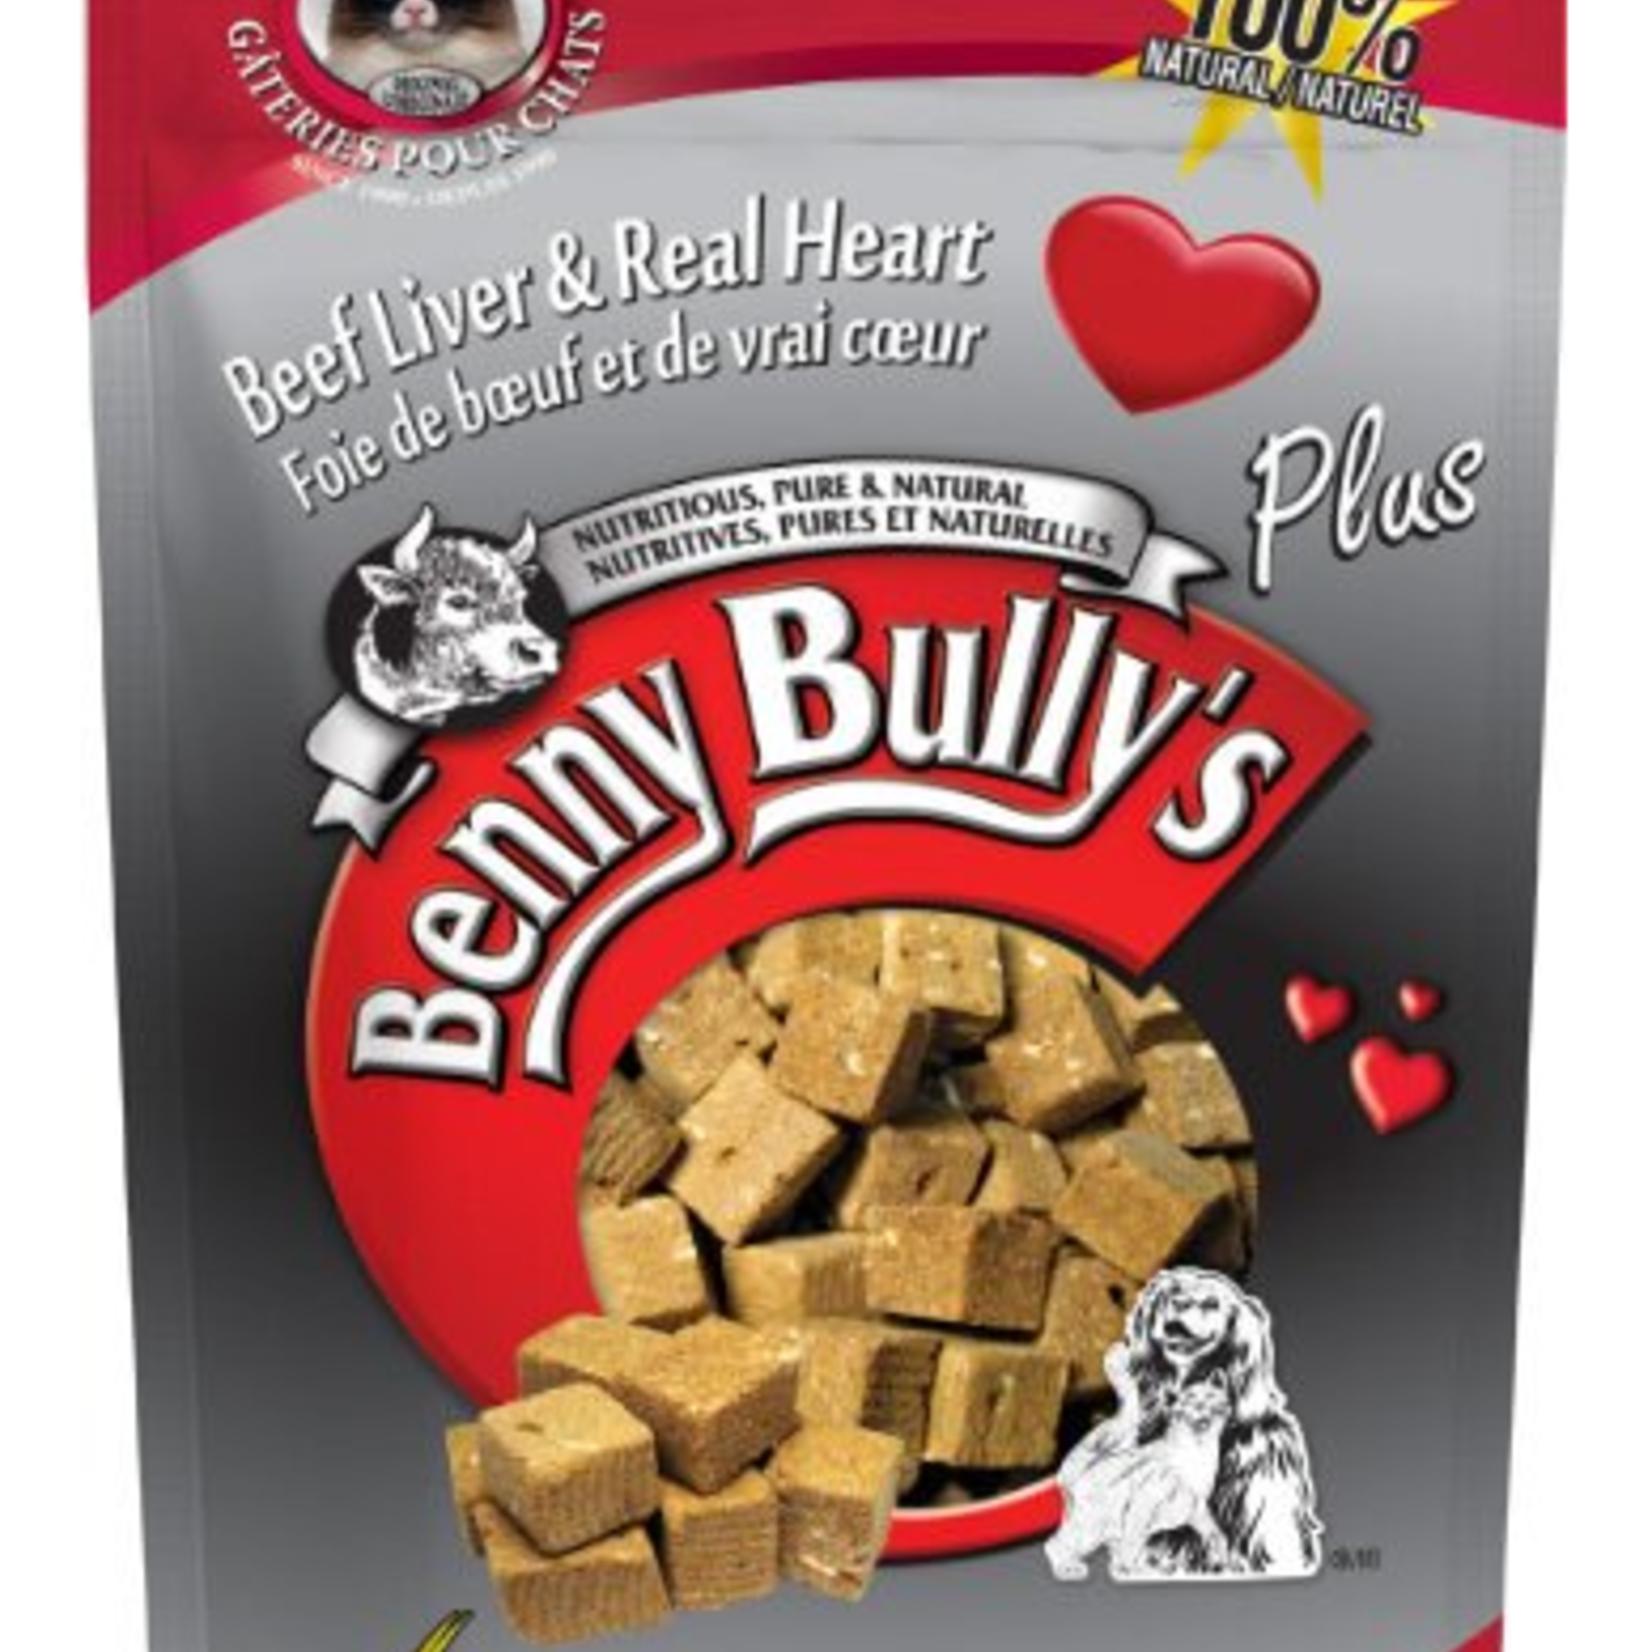 Benny Bully Benny Bully's Plus Heart Cat Treats (25g)